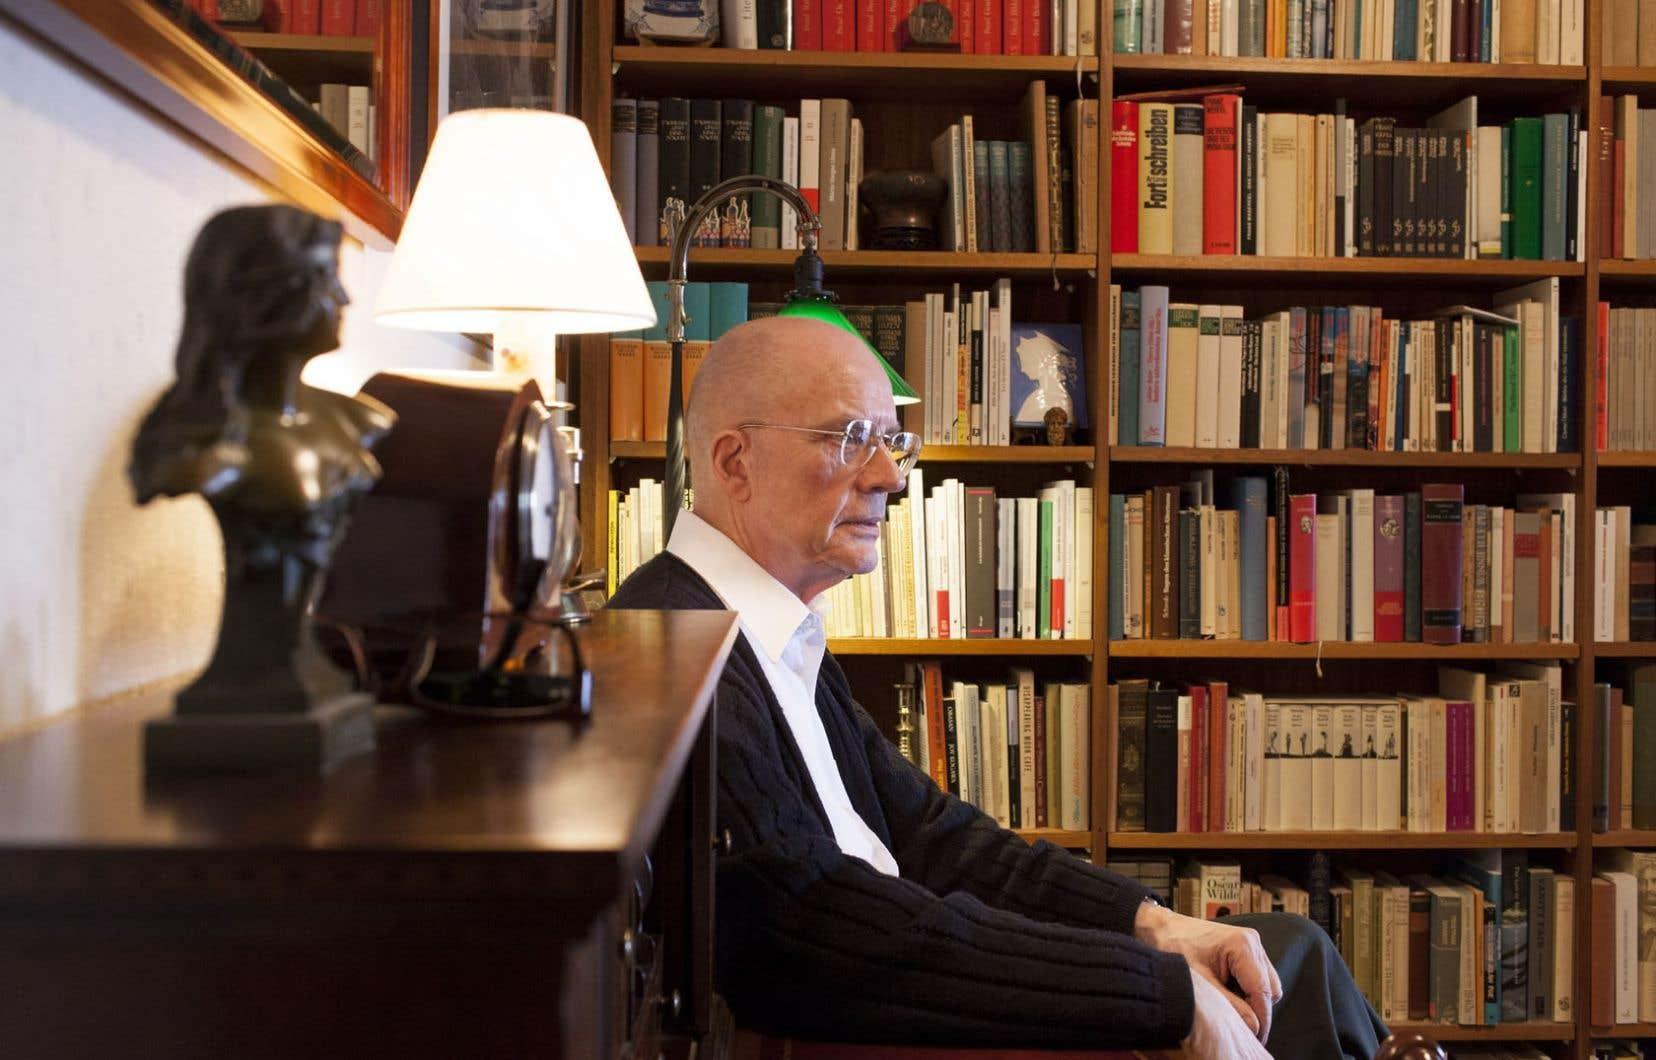 Hans-Jürgen Greif a badigeonné toutes les histoires qui composent Échardes de son humour cinglant.